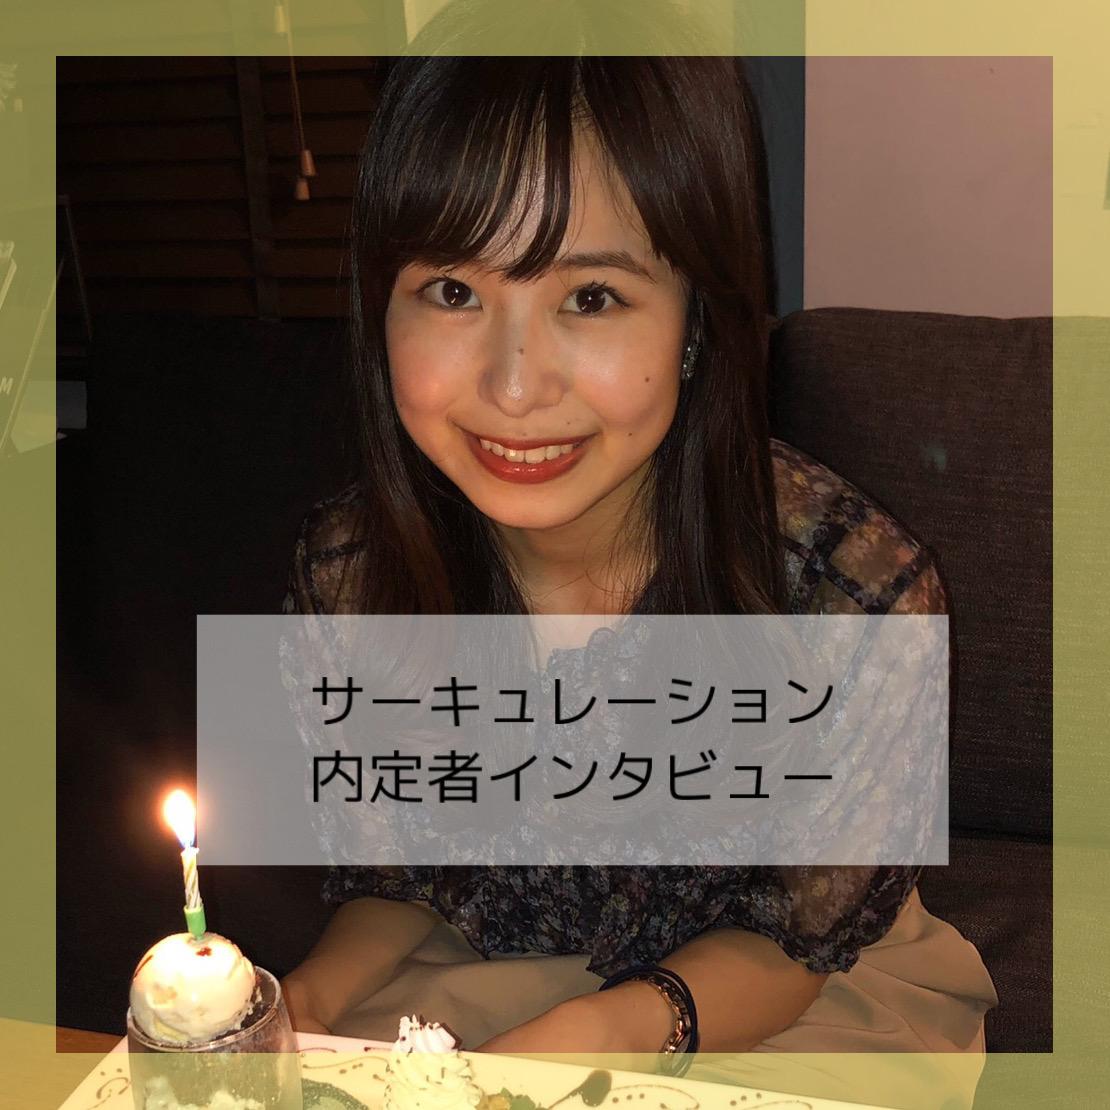 【東京オフィス】21卒のサーキュレーション内定者にインタビューをしました!